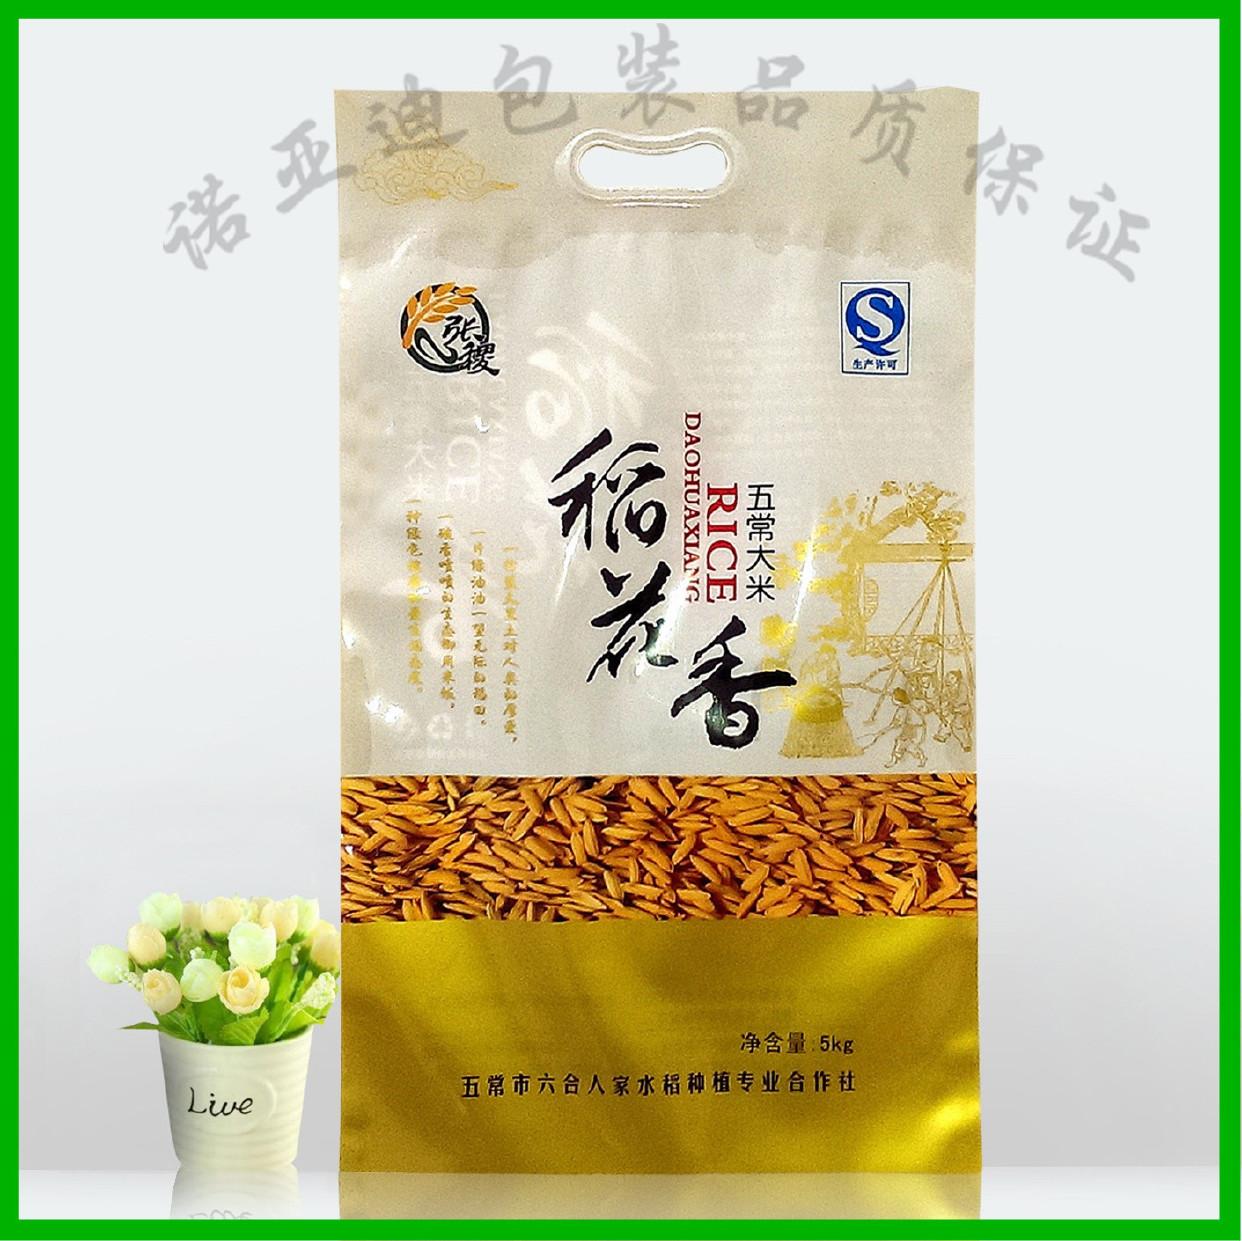 大米种子袋 食品包装袋 大米袋厂家 食品真空包装袋 大米包装定做图片